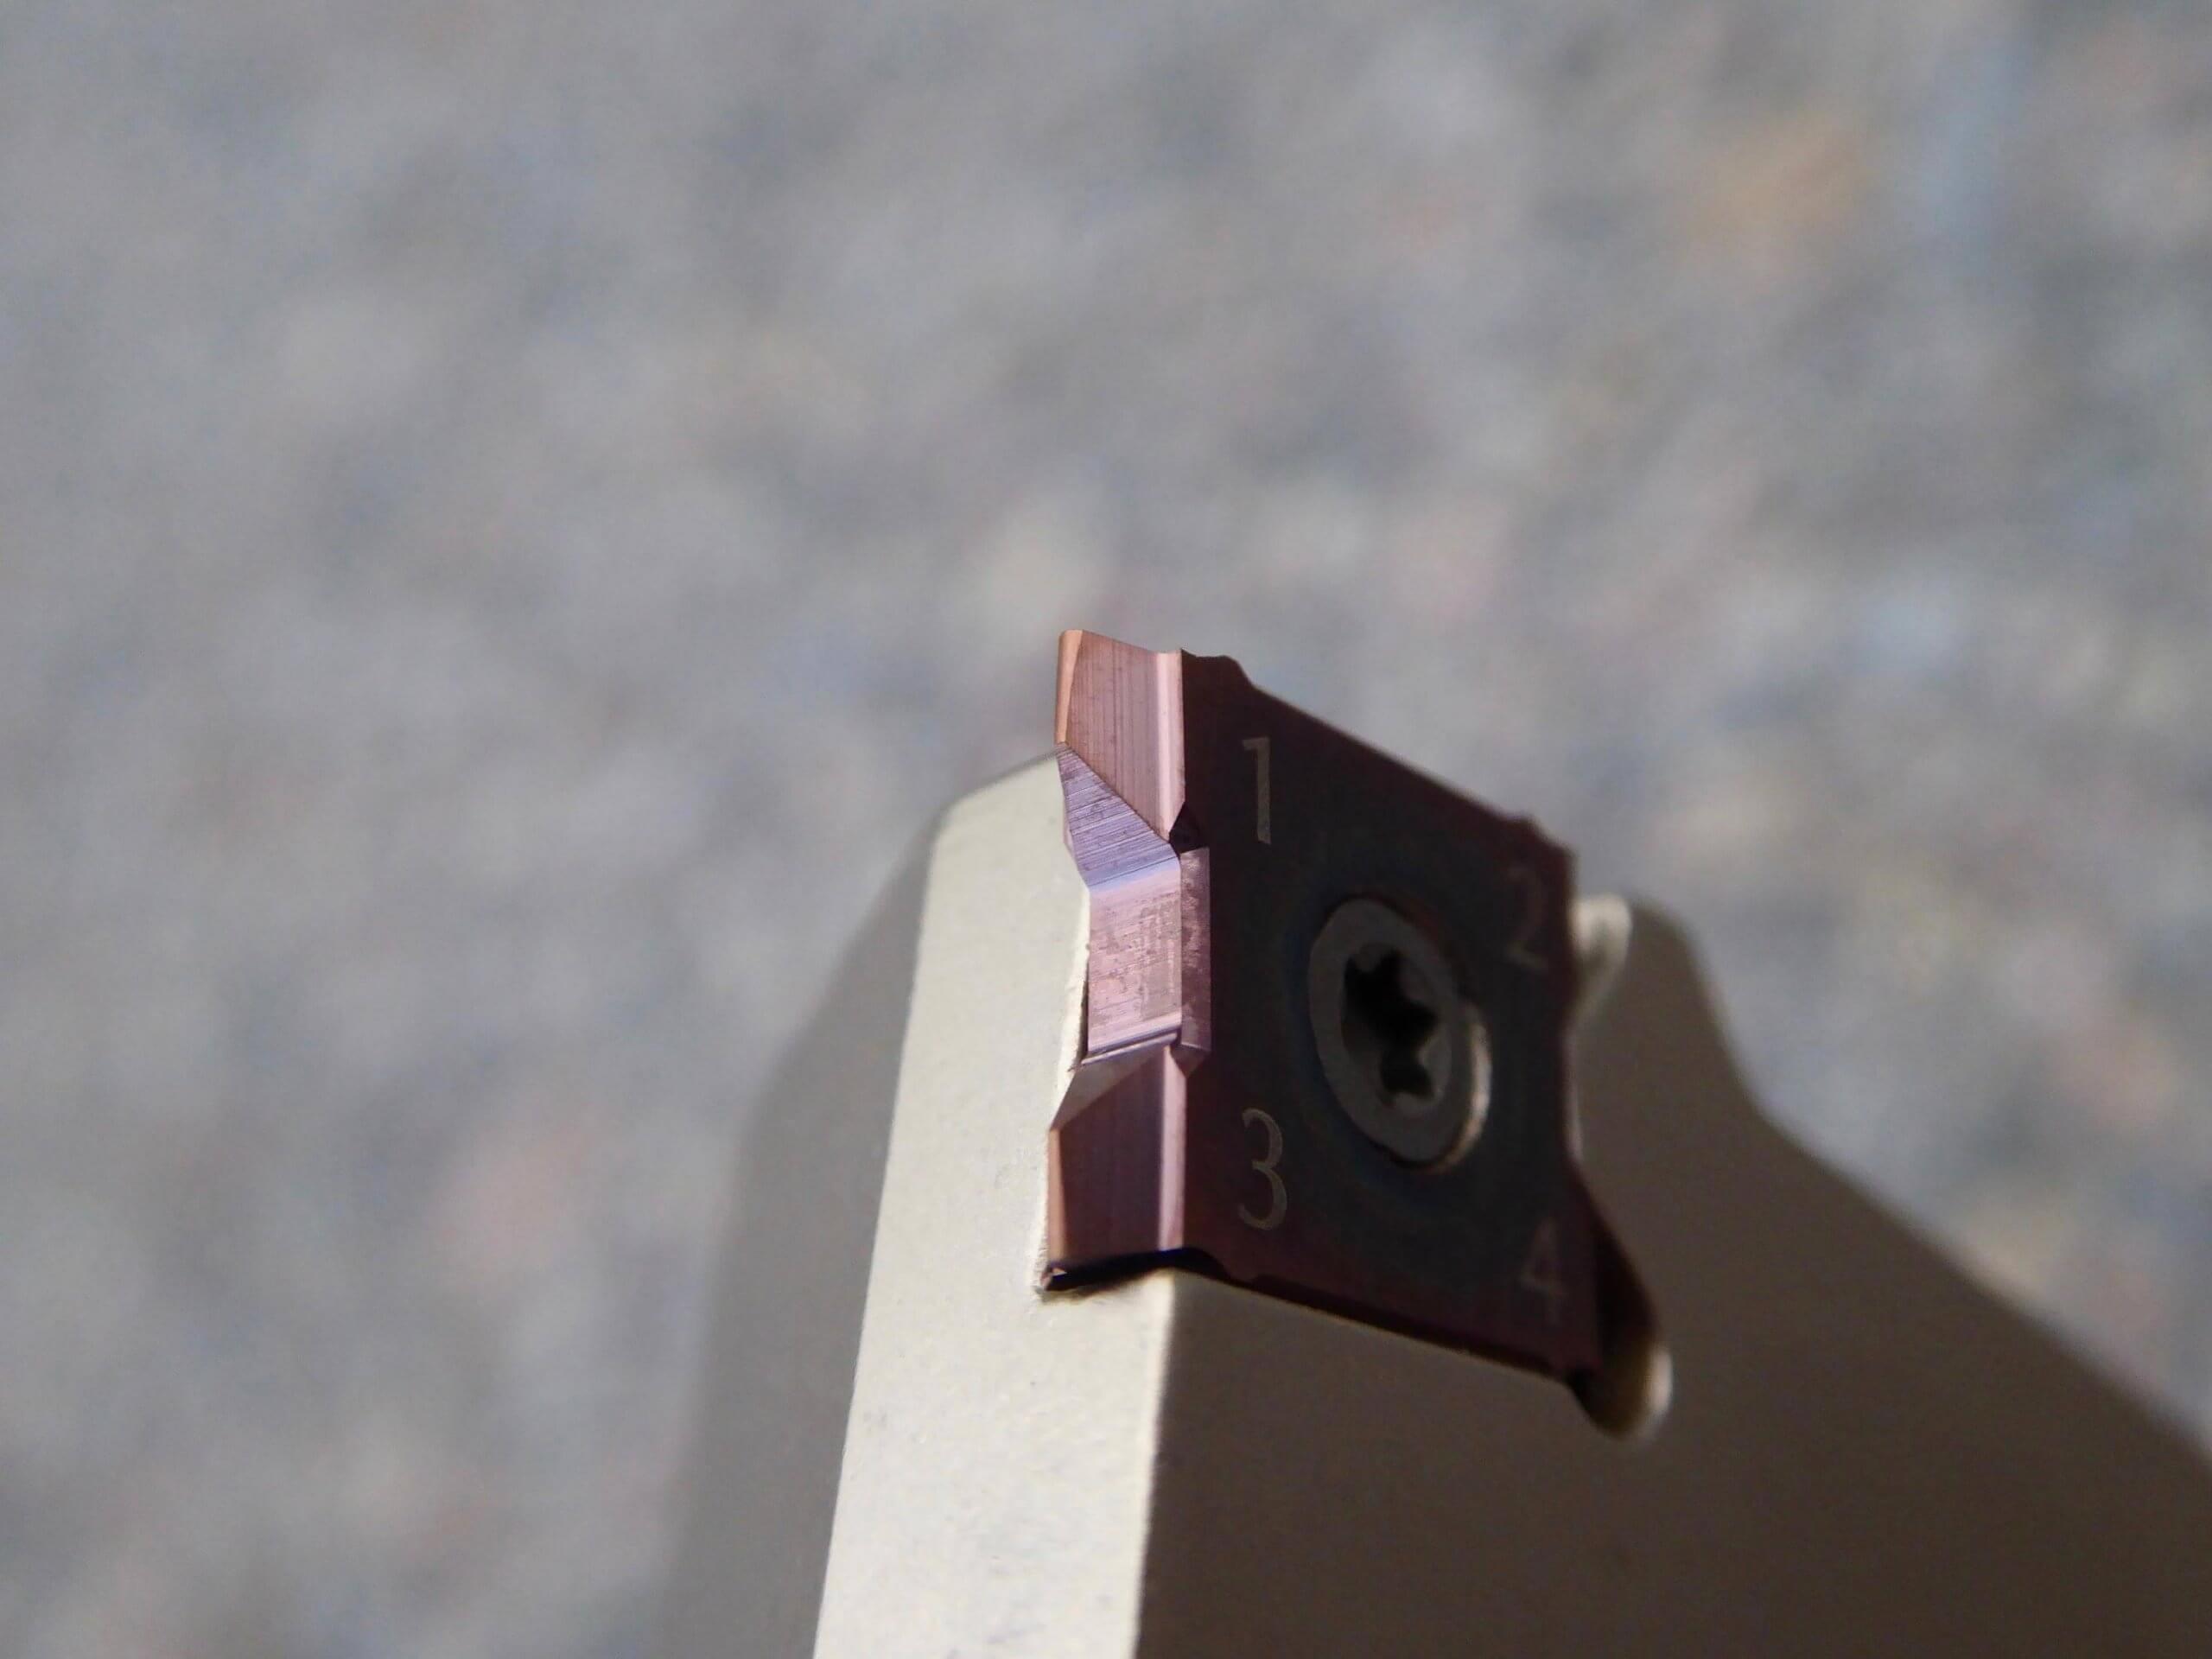 FourCut-Токарный резьбонарезной инструмент из линейки SmiCut